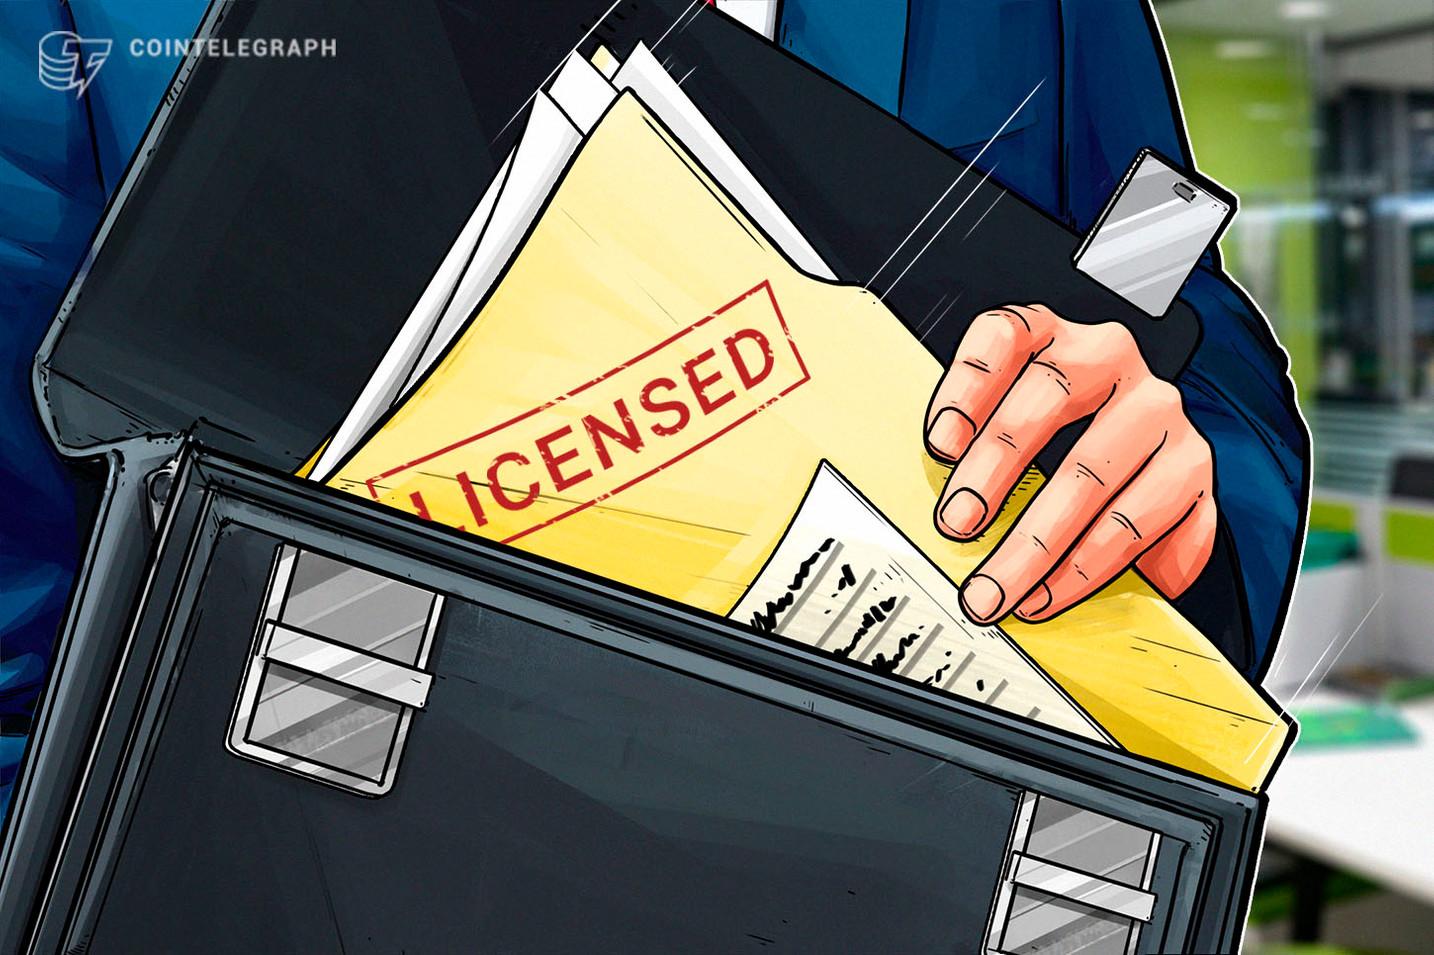 أول شركة لتداول العملات الرقمية بنيويورك تحصل على رخصة بيتلايسنس